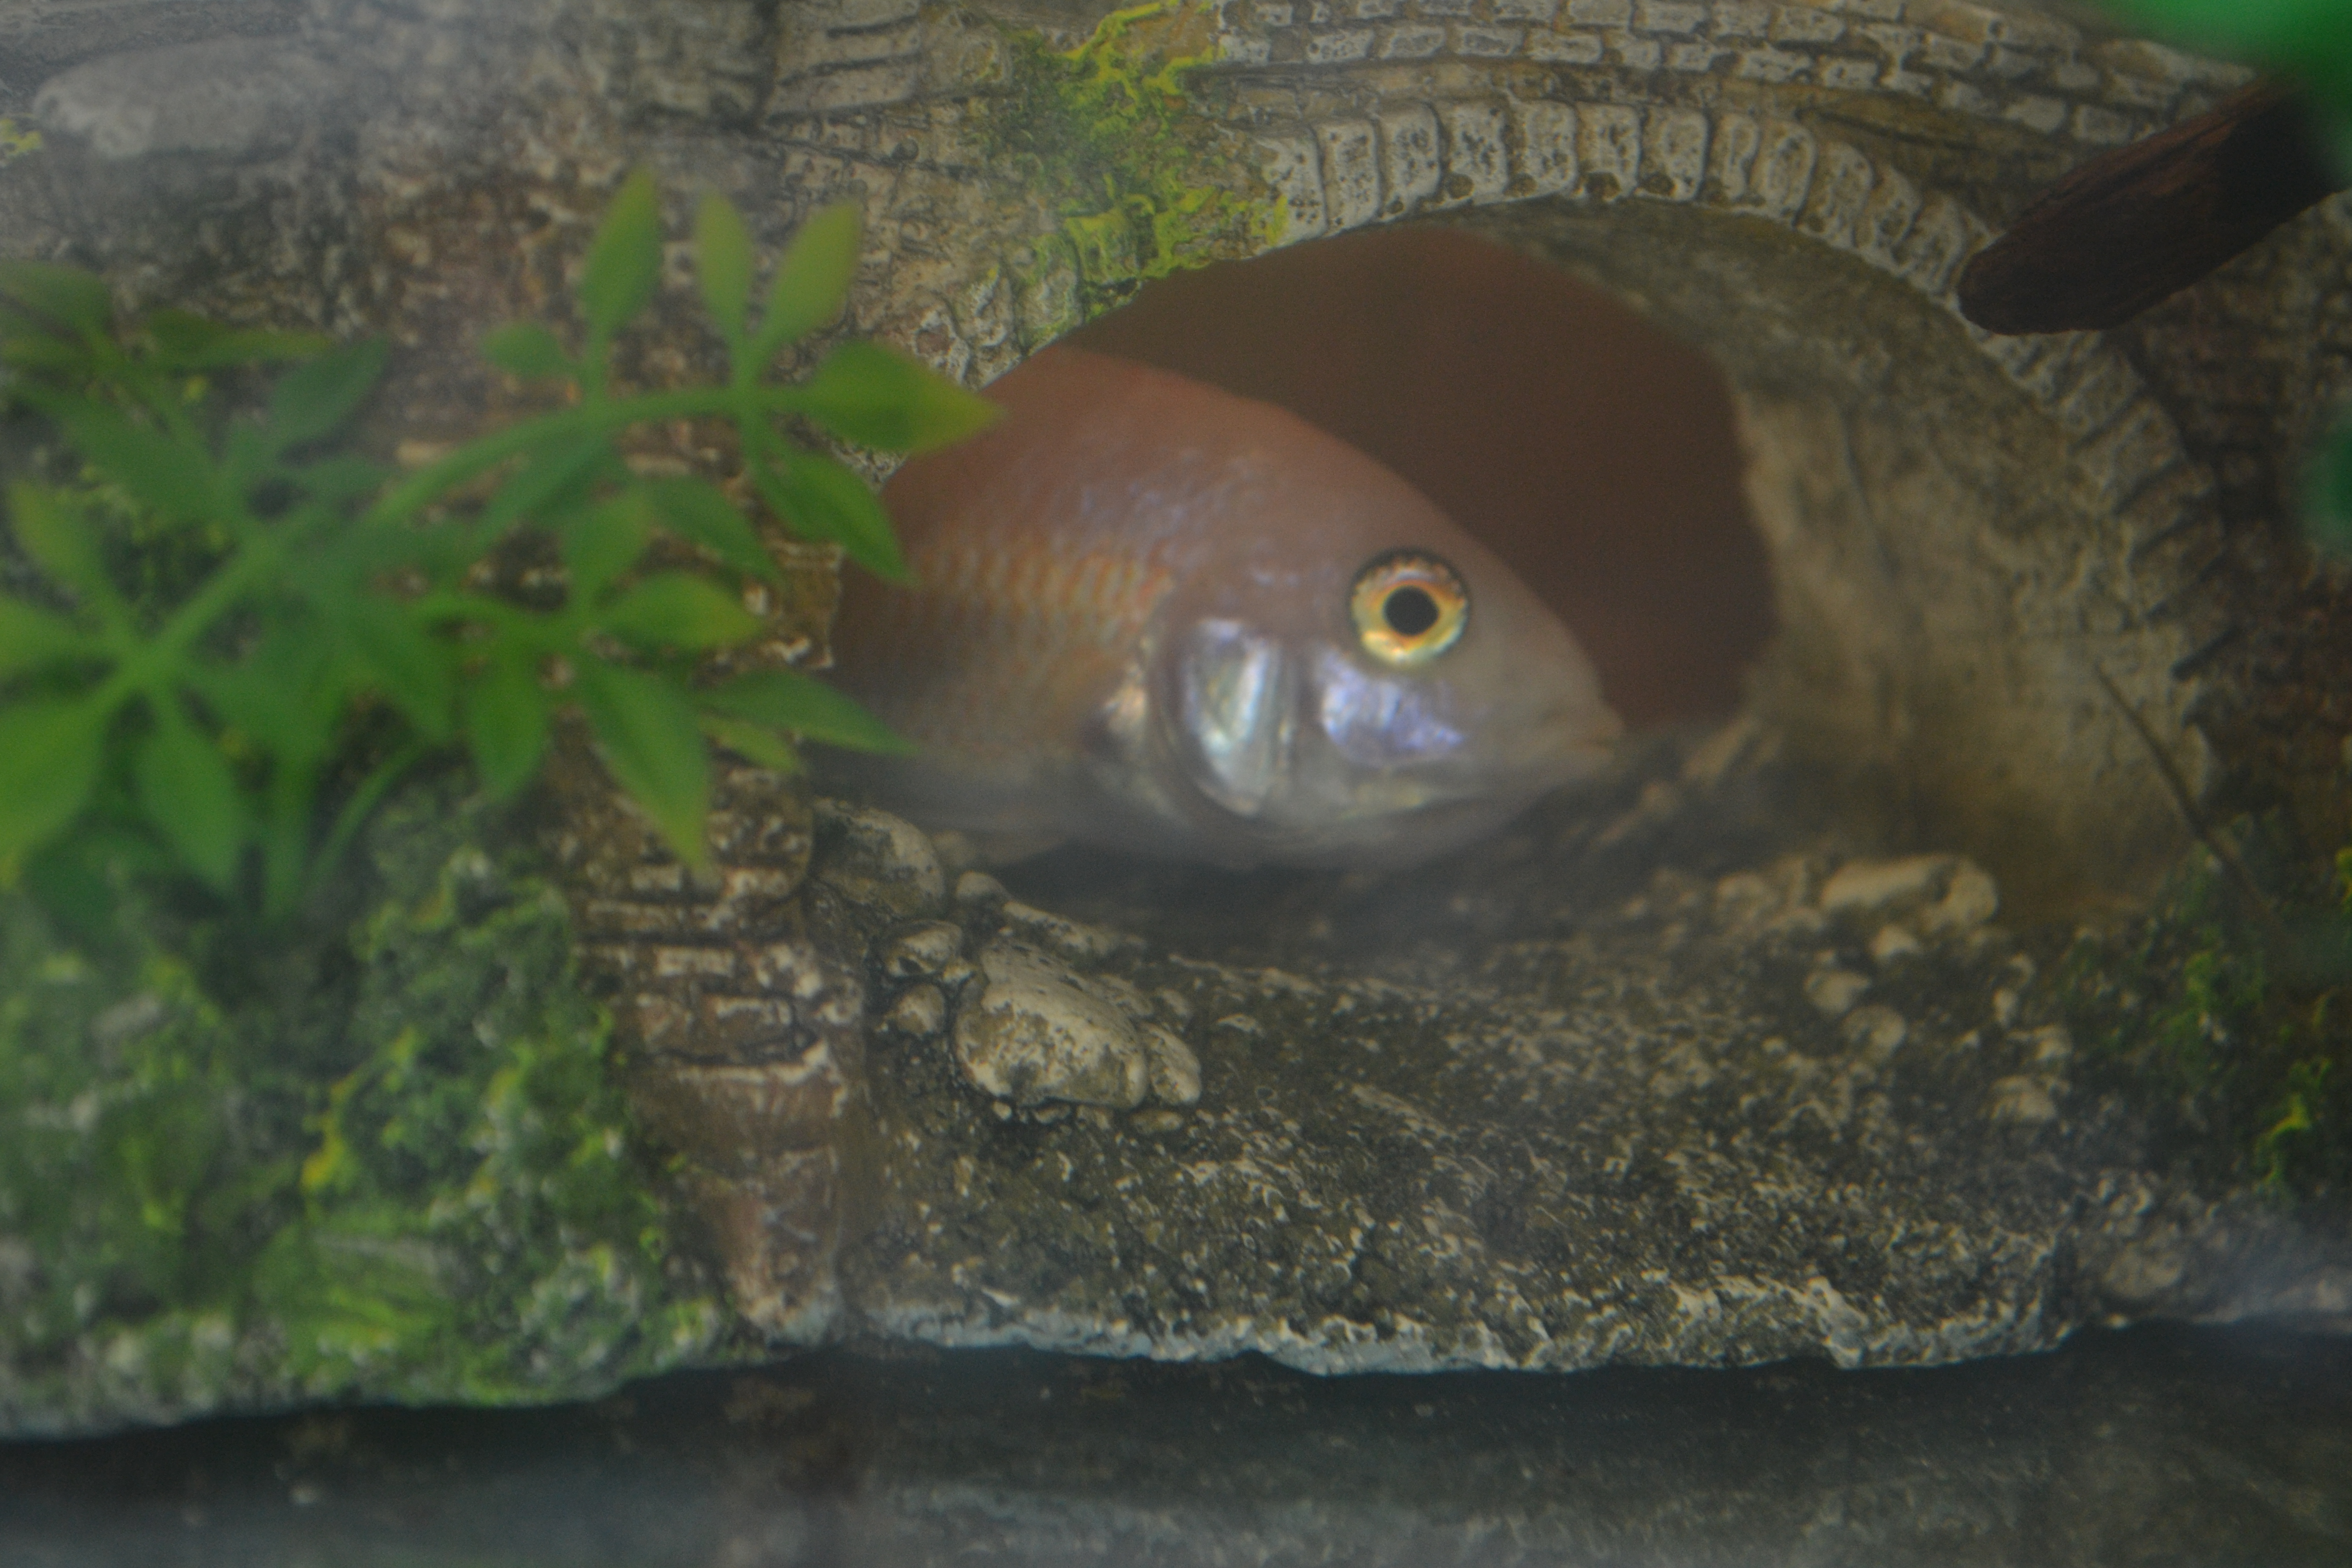 cichlids.com: female Sunburst Peacock holding